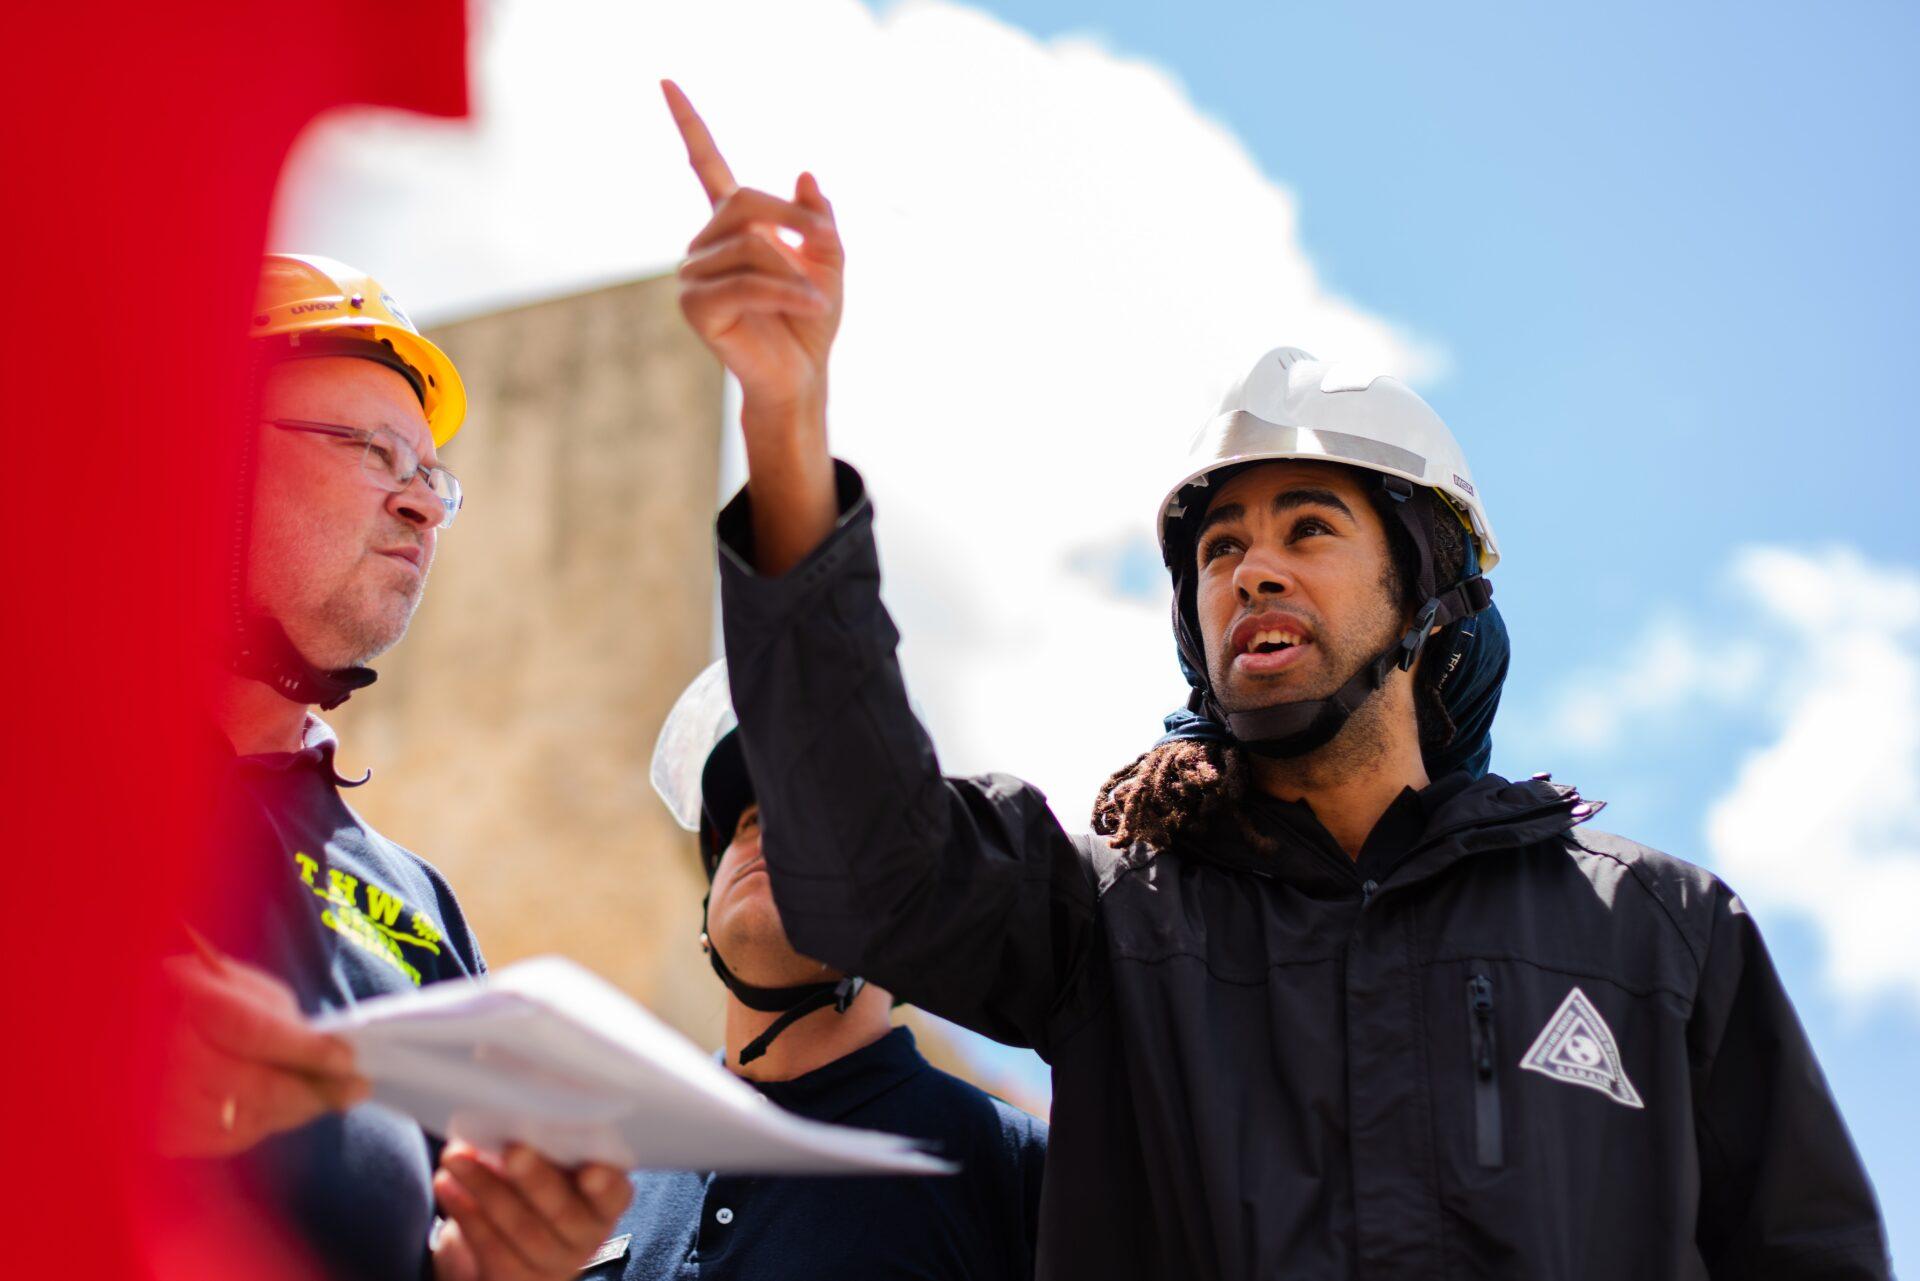 施工管理業務を効率化する3つのコツ